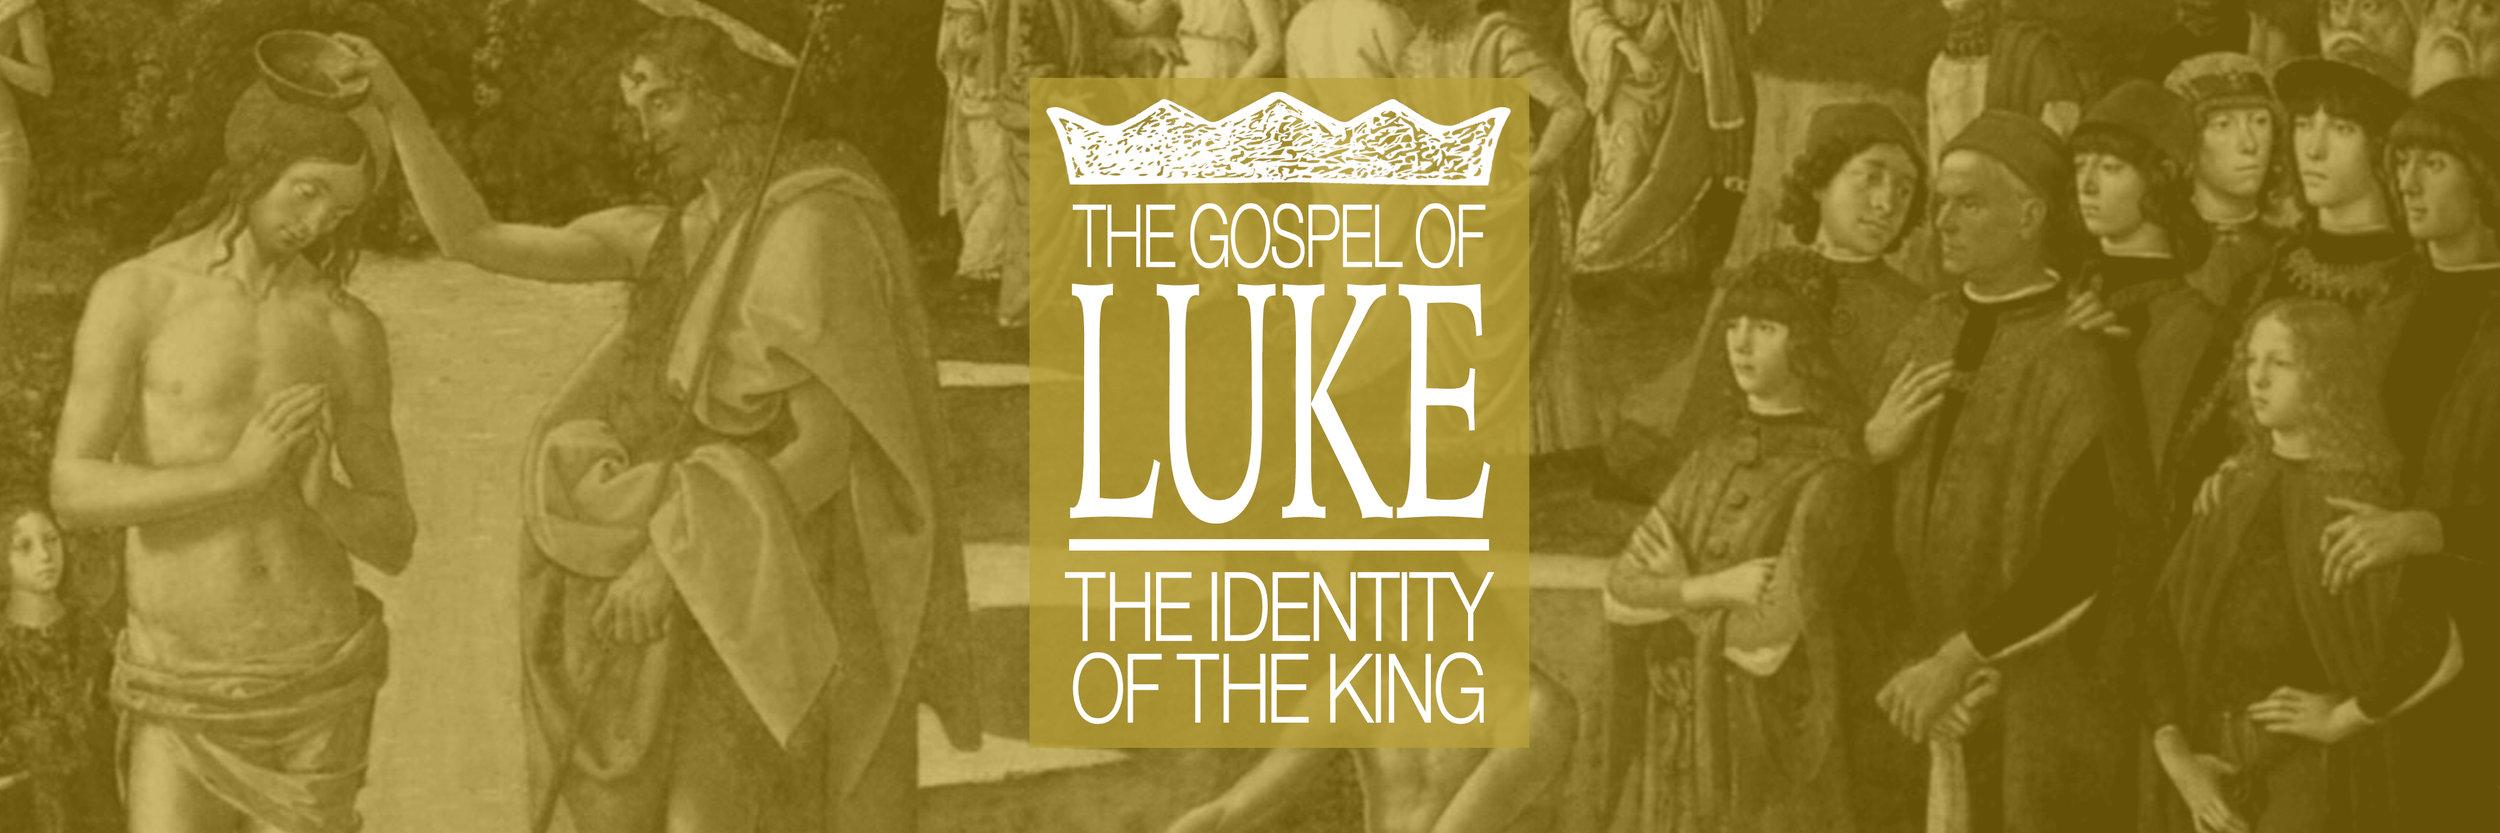 Luke-Identity Header CENTER.jpg